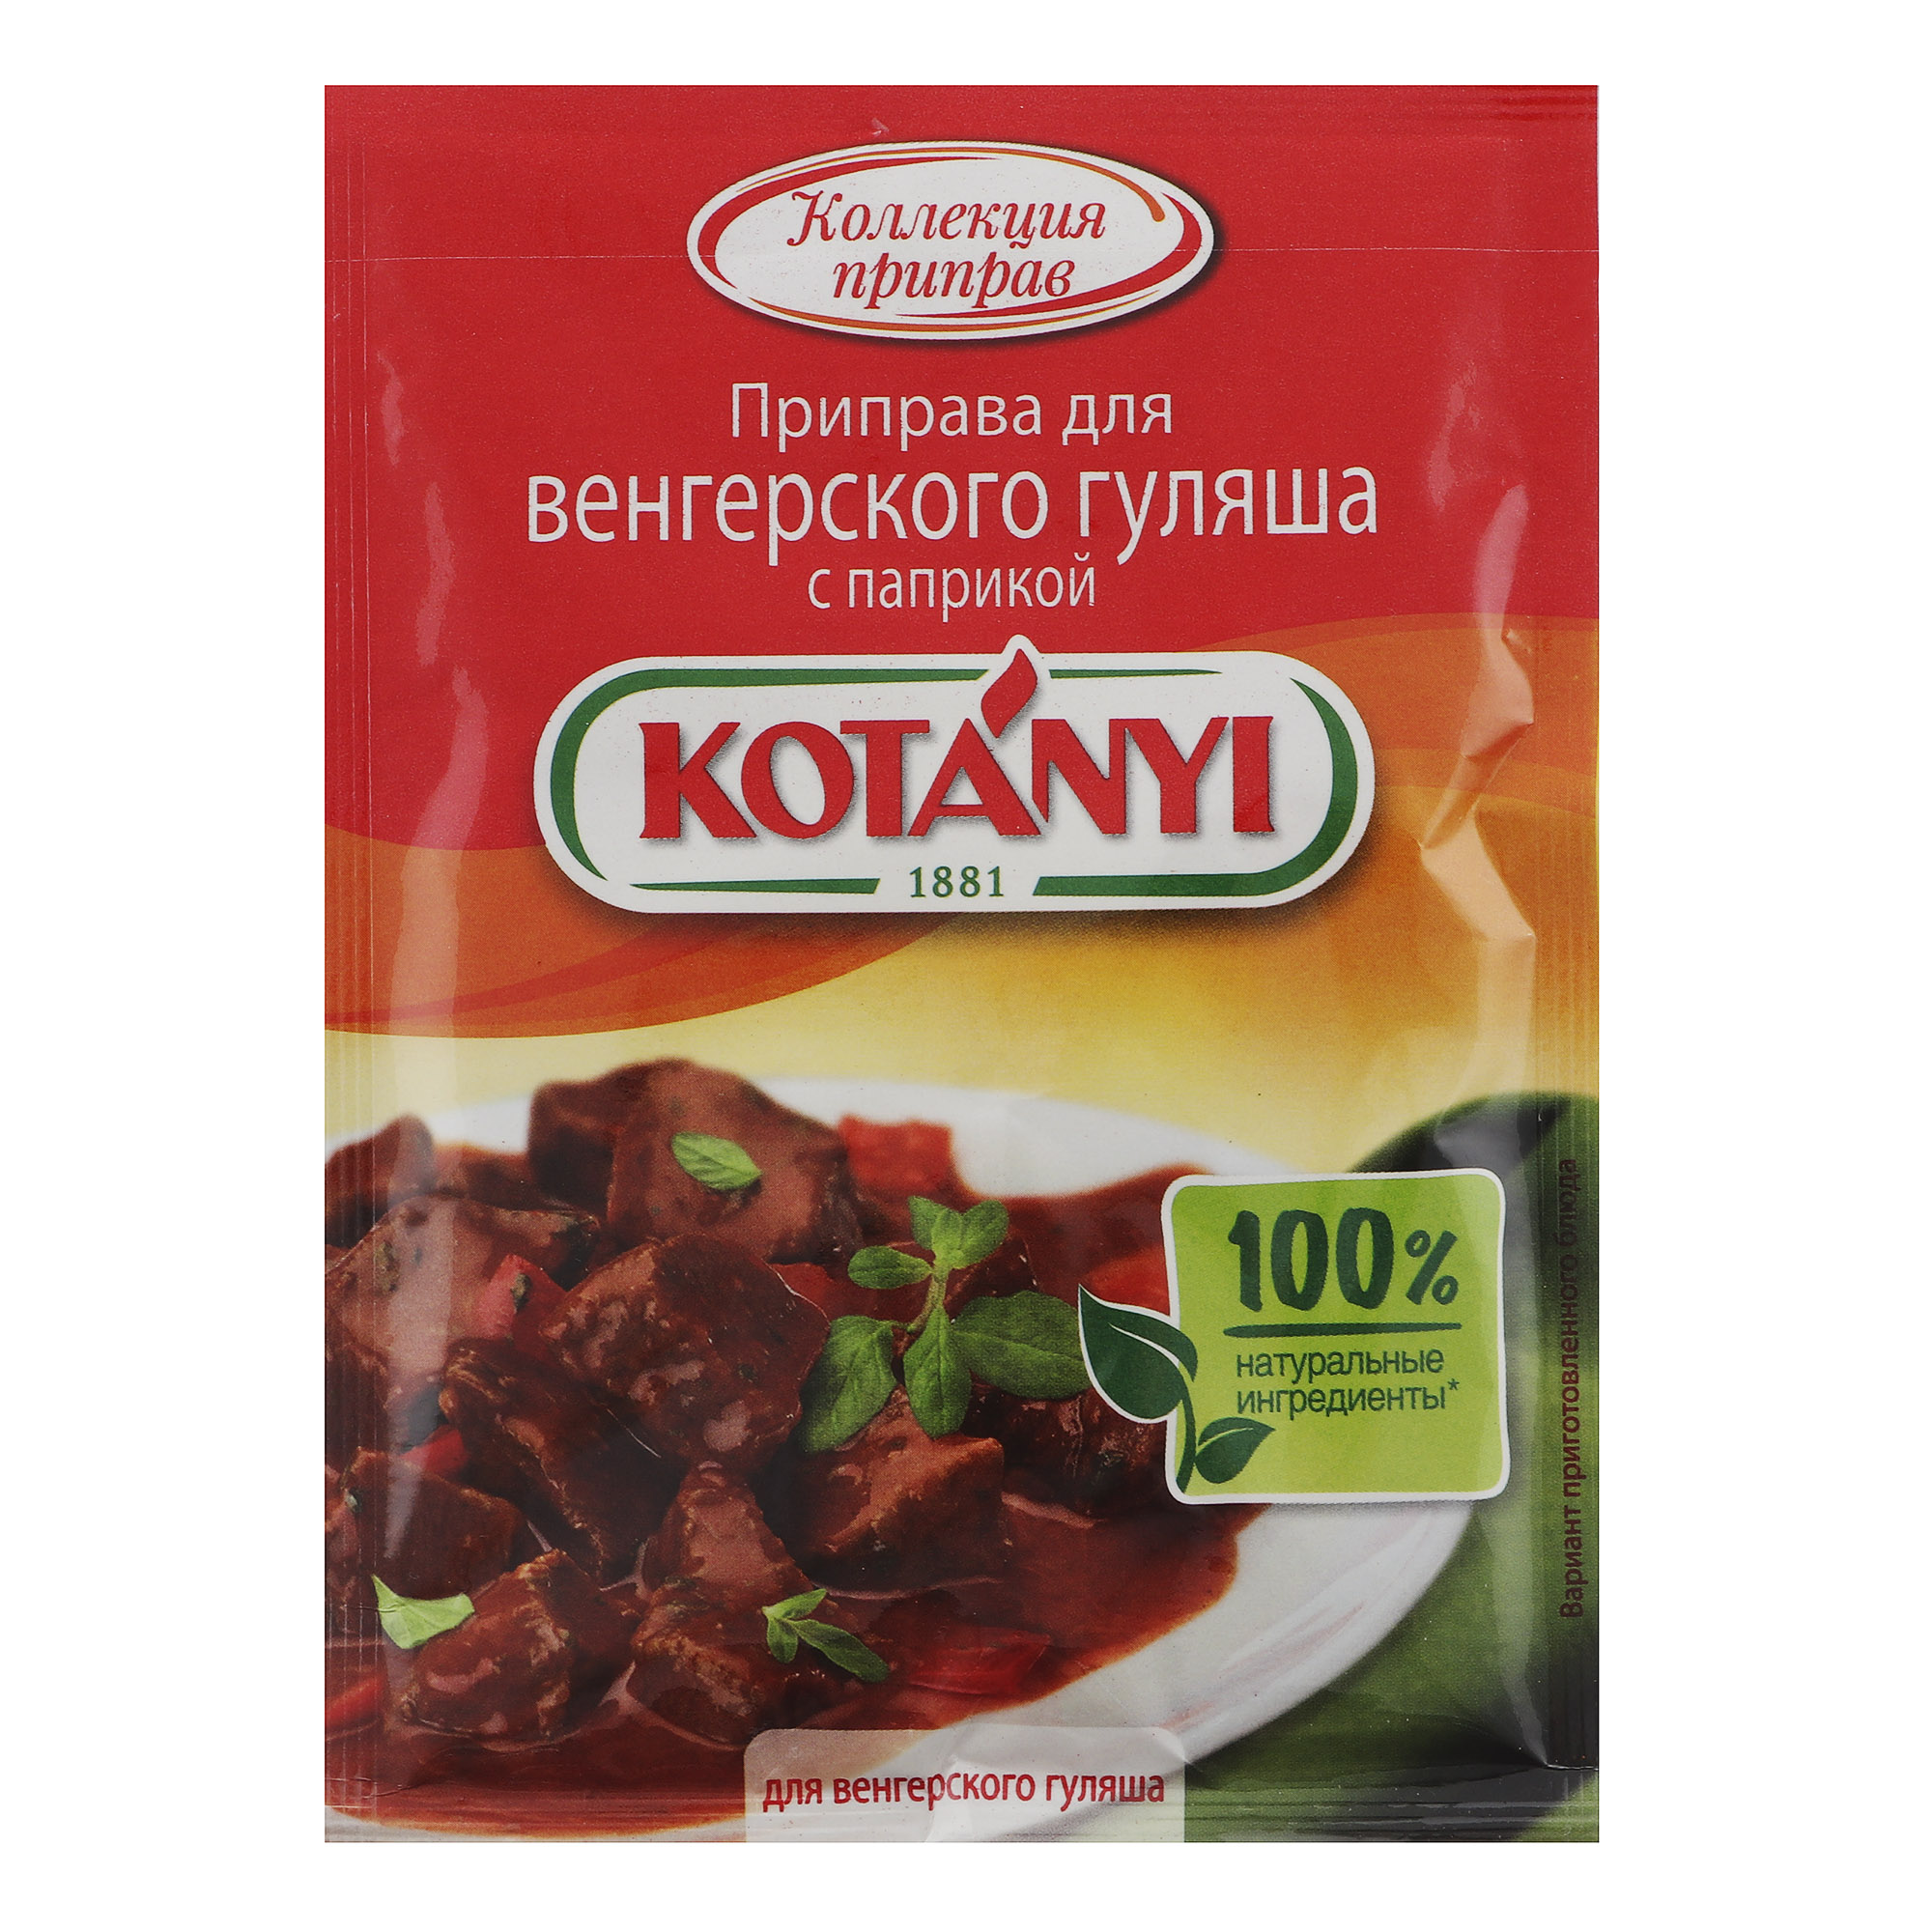 Приправа Kotanyi для венгерского гуляша с паприкой 20 г смесь перцев kotanyi с паприкой мельница 50 г